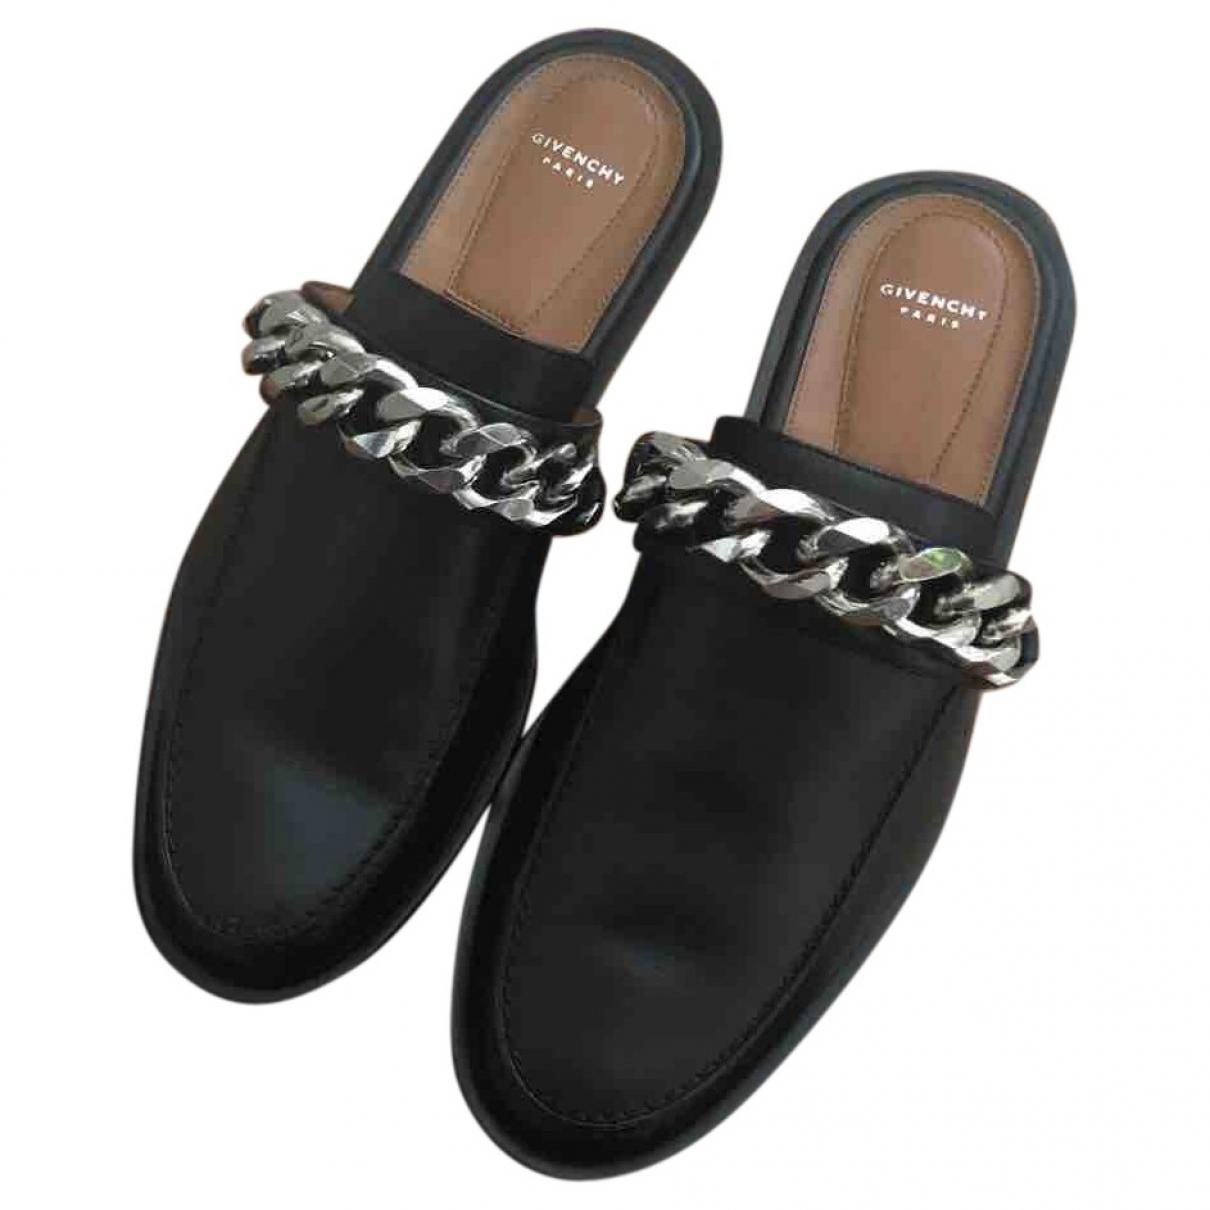 Givenchy - Mocassins   pour femme en cuir - noir